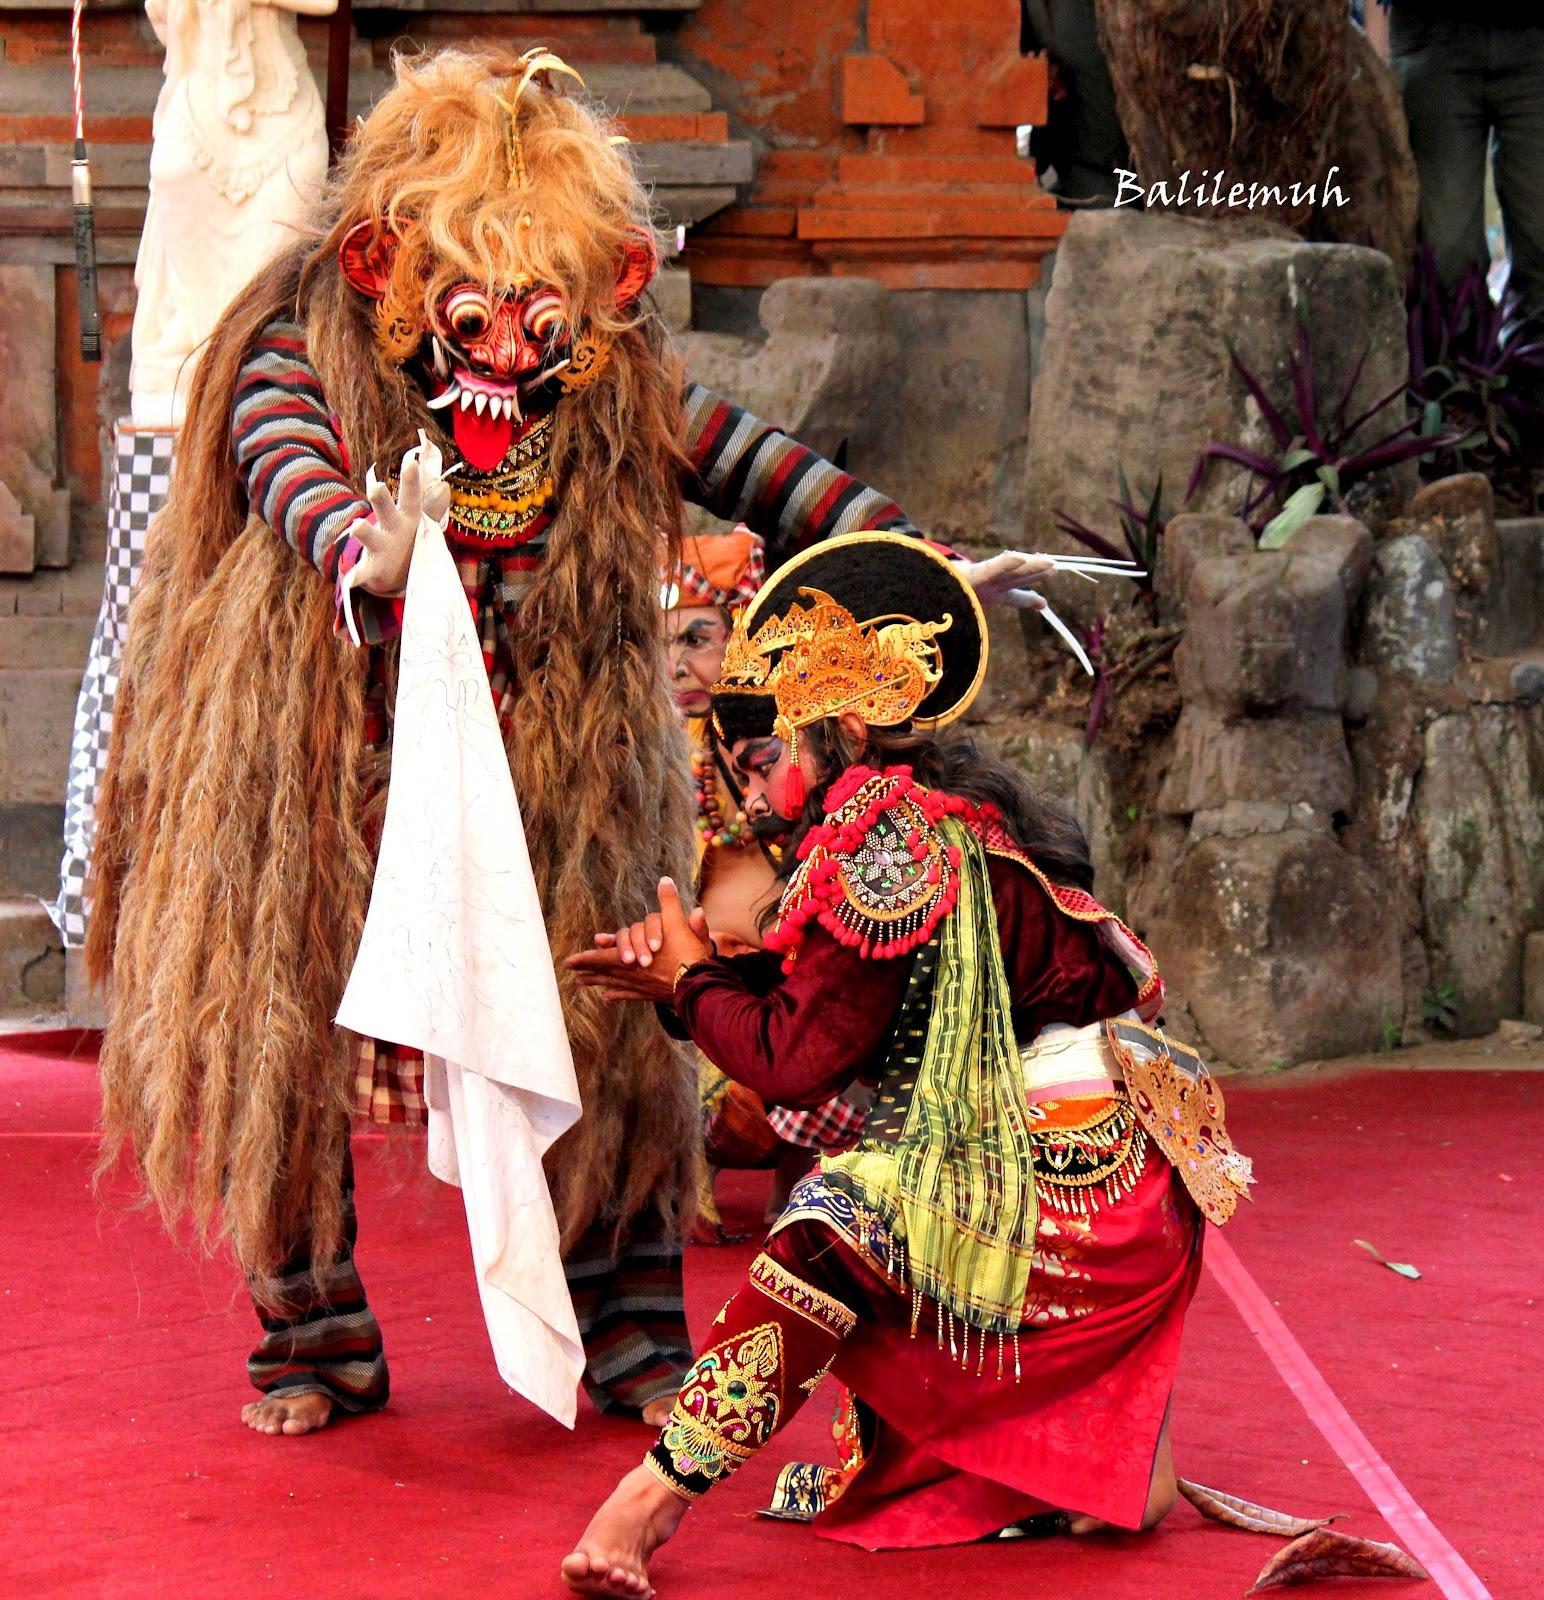 Bali Lemuh (Foto Hiburan, Seni dan Budaya Bali)